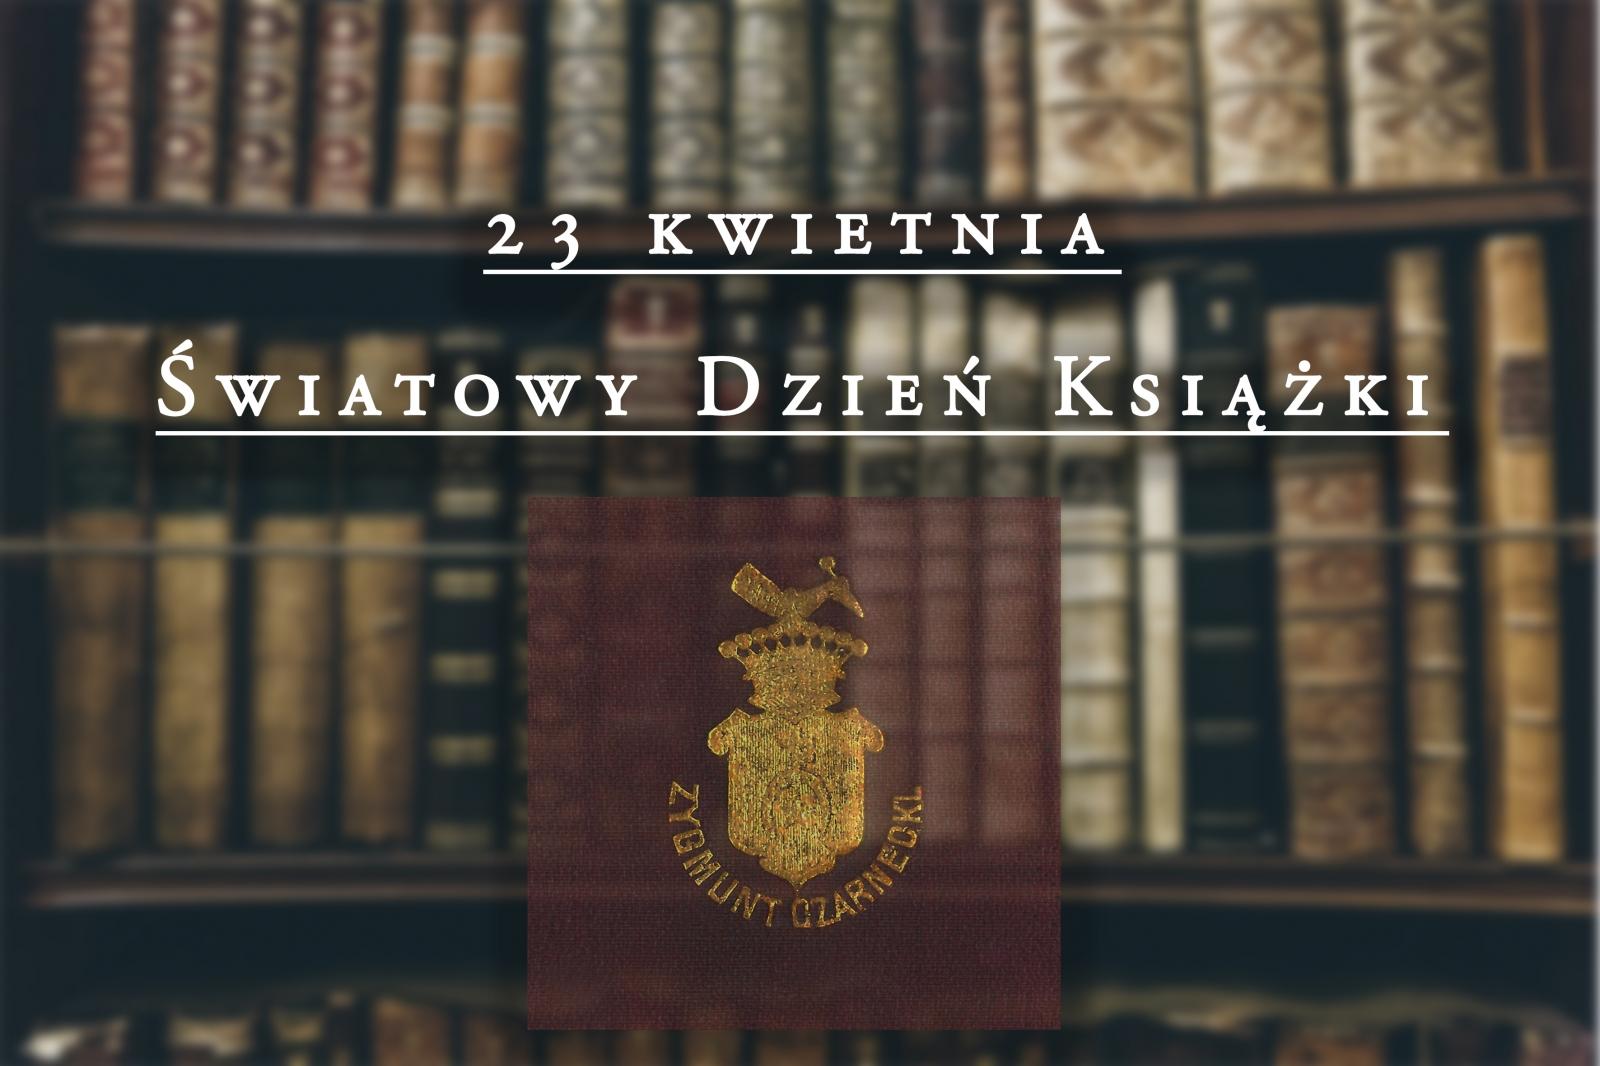 23 KWIETNIA - ŚWIATOWY DZIEŃ KSIĄŻKI